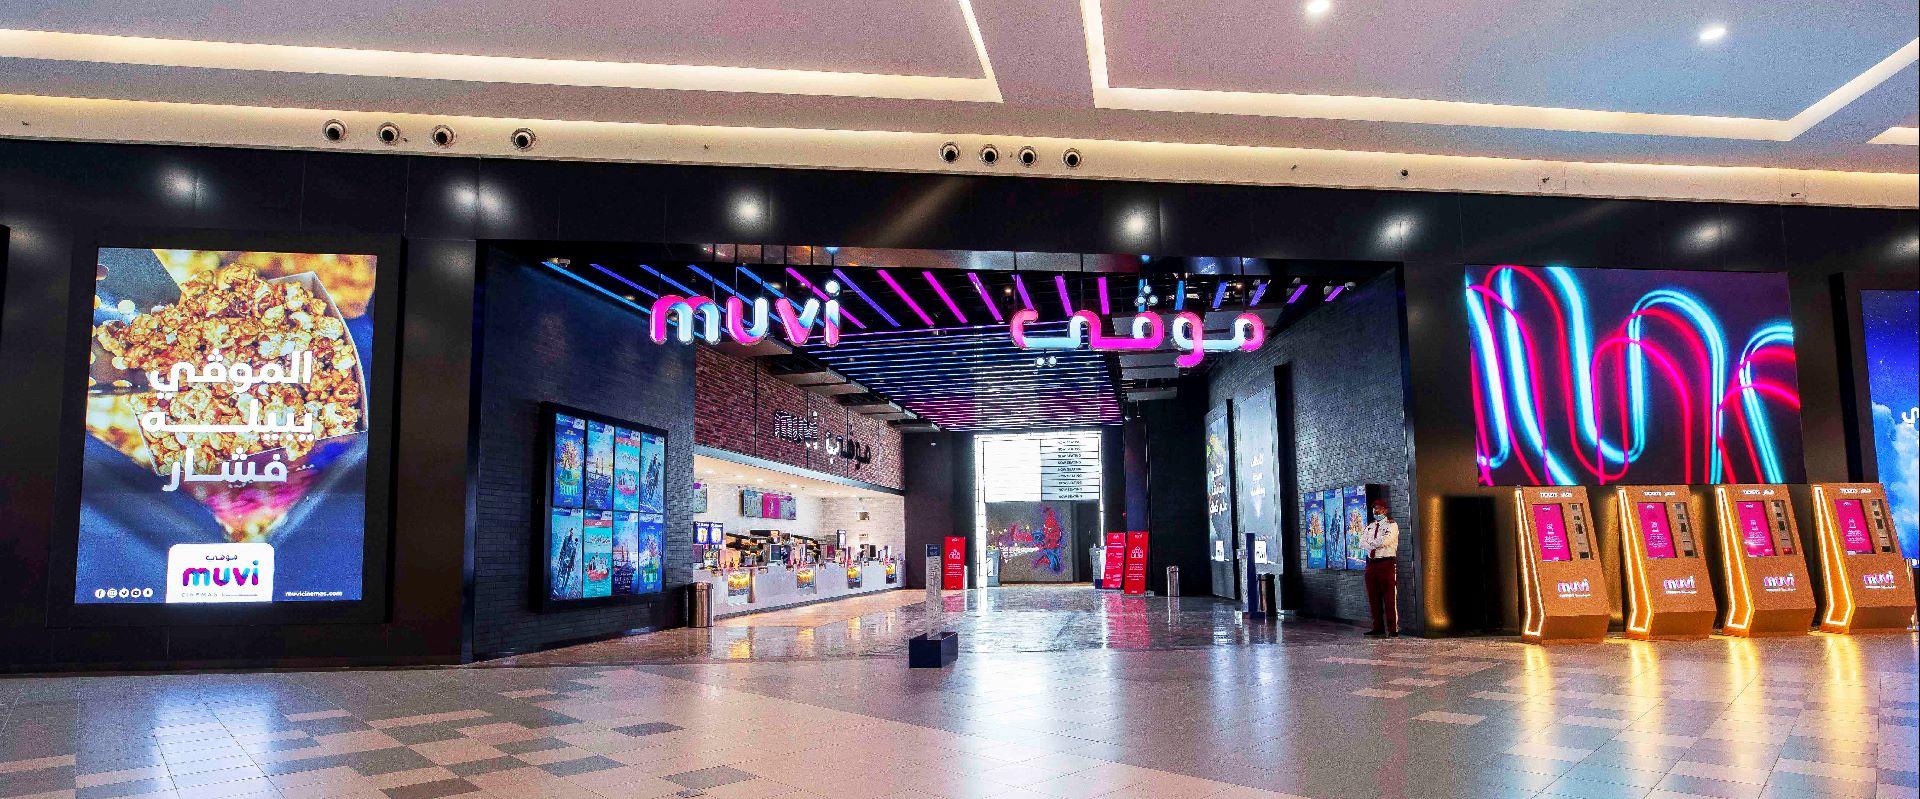 هيفاء مول جدة احجز تذاكر الأفلام السينمائية على الانترنت موڤي سينما في السعودية